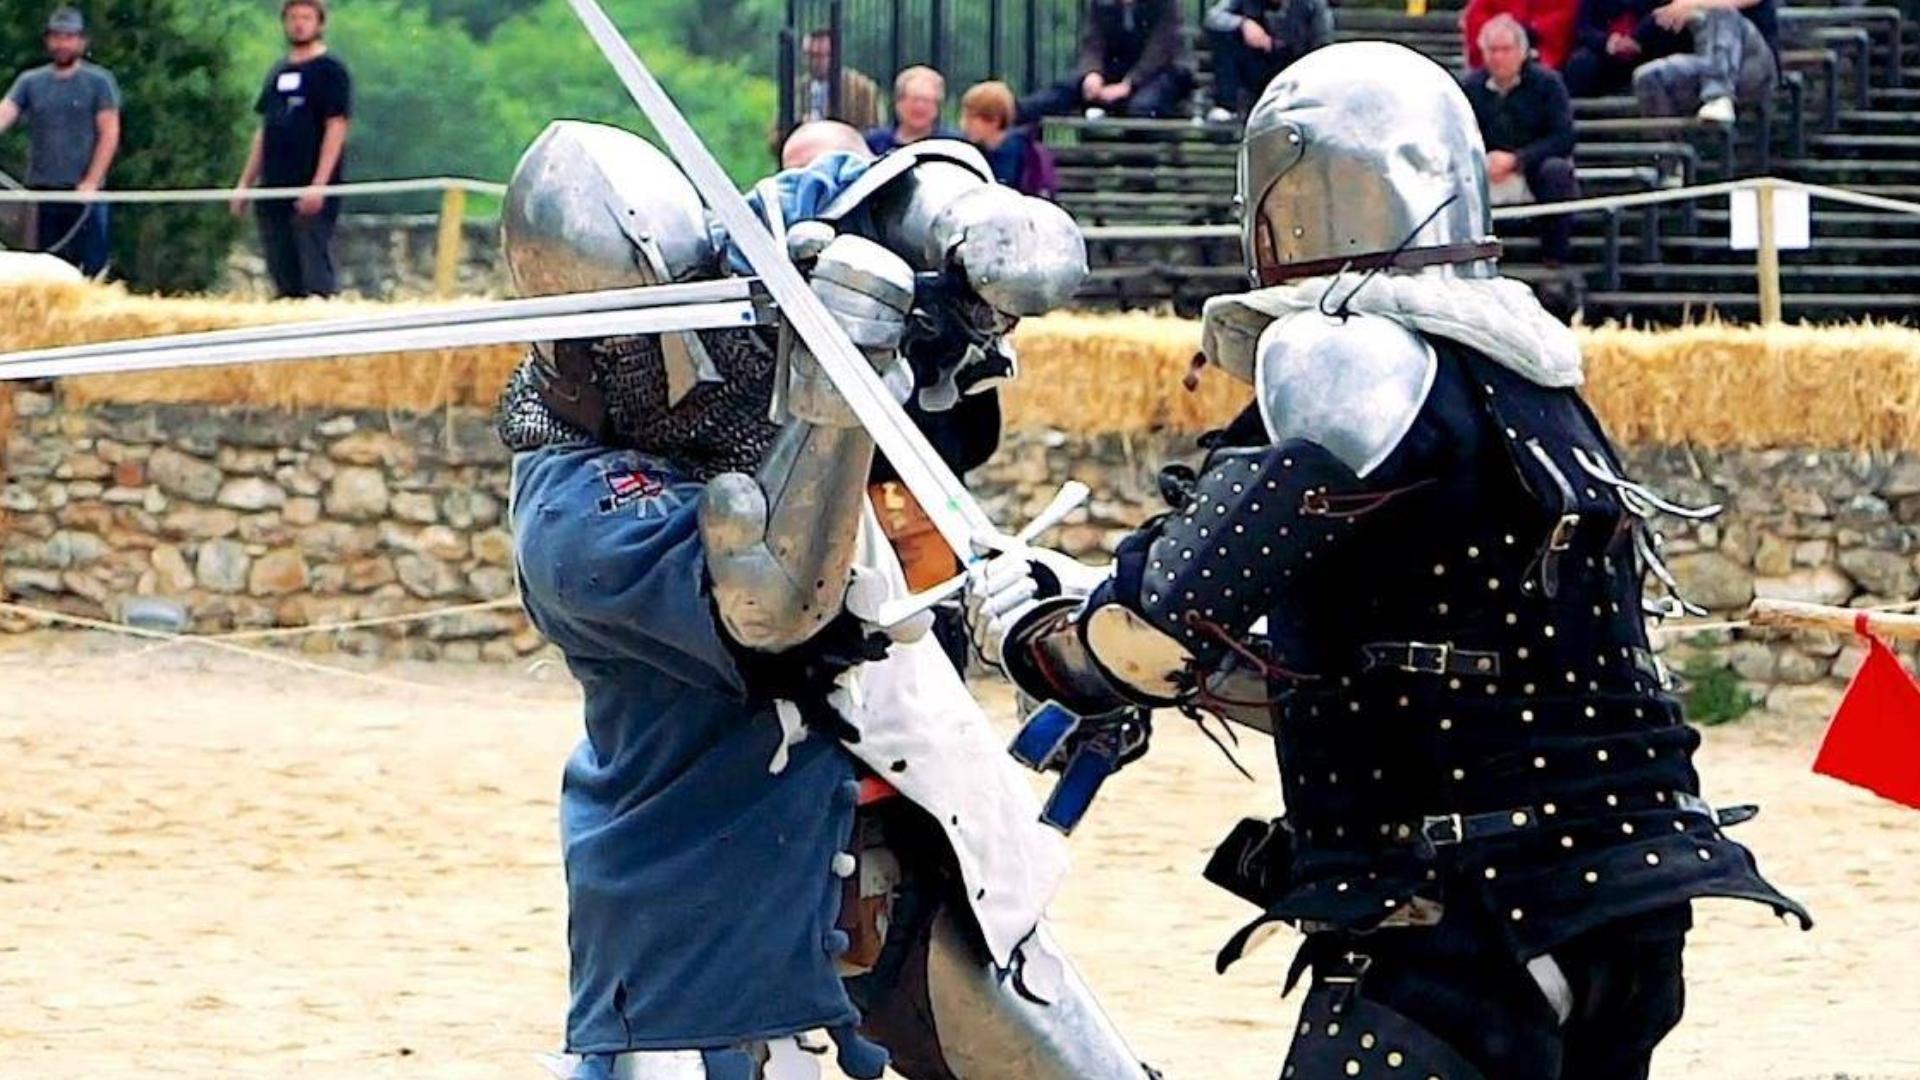 还原中世纪冷兵器格斗,双方身穿盔甲像是决战的武士!